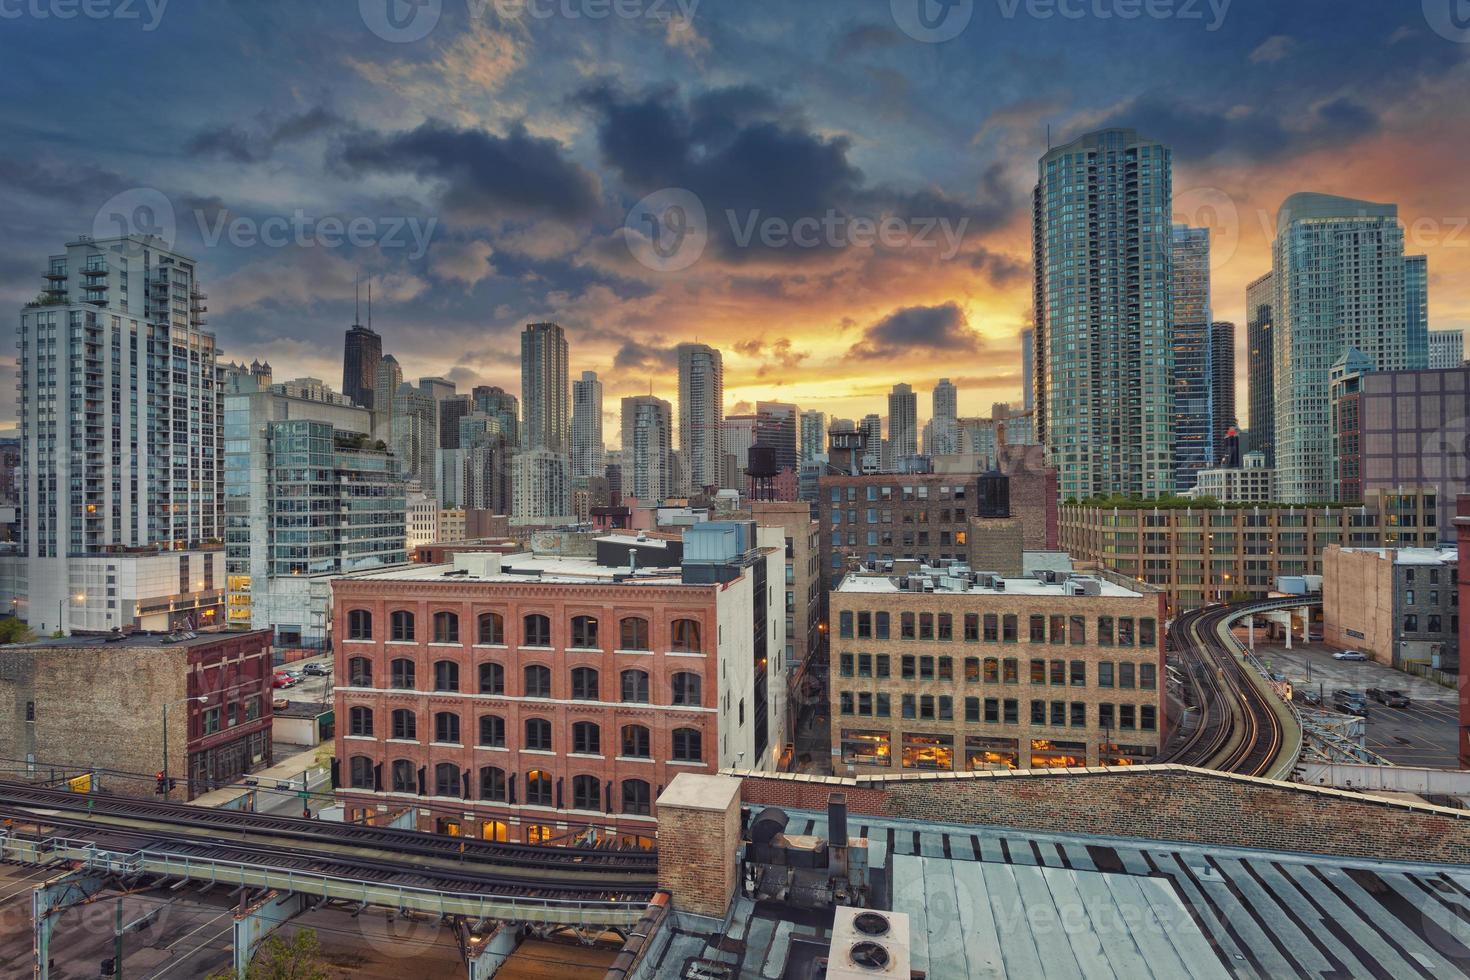 Chicago centrum. foto